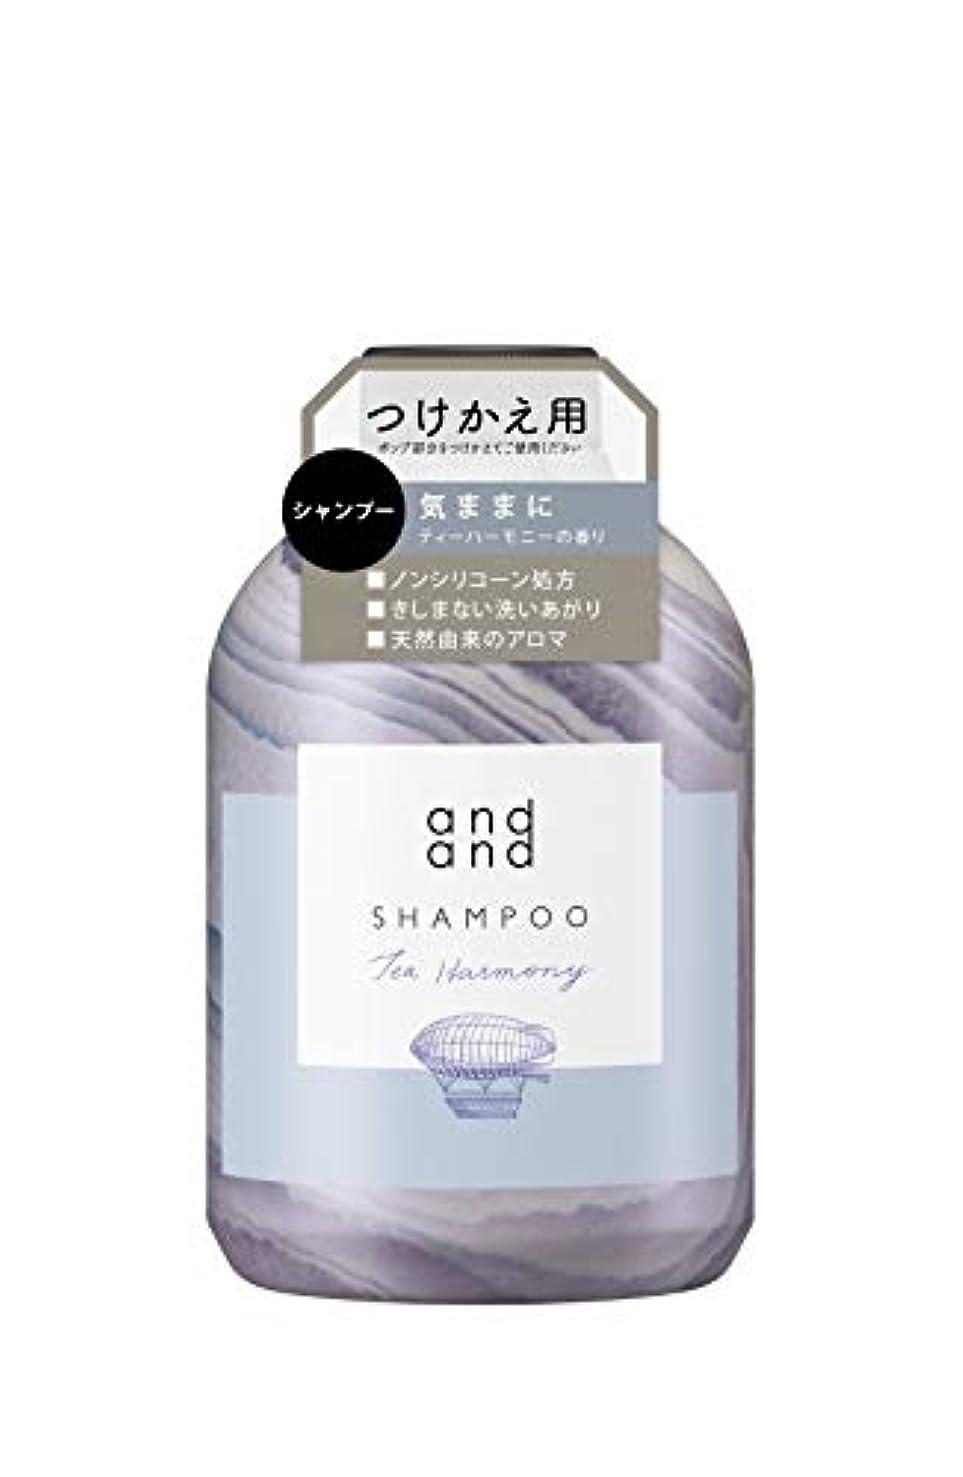 お酒できた深さandand(アンドアンド) 気ままに[ノンシリコーン処方] シャンプー ティーハーモニーの香り 480ml